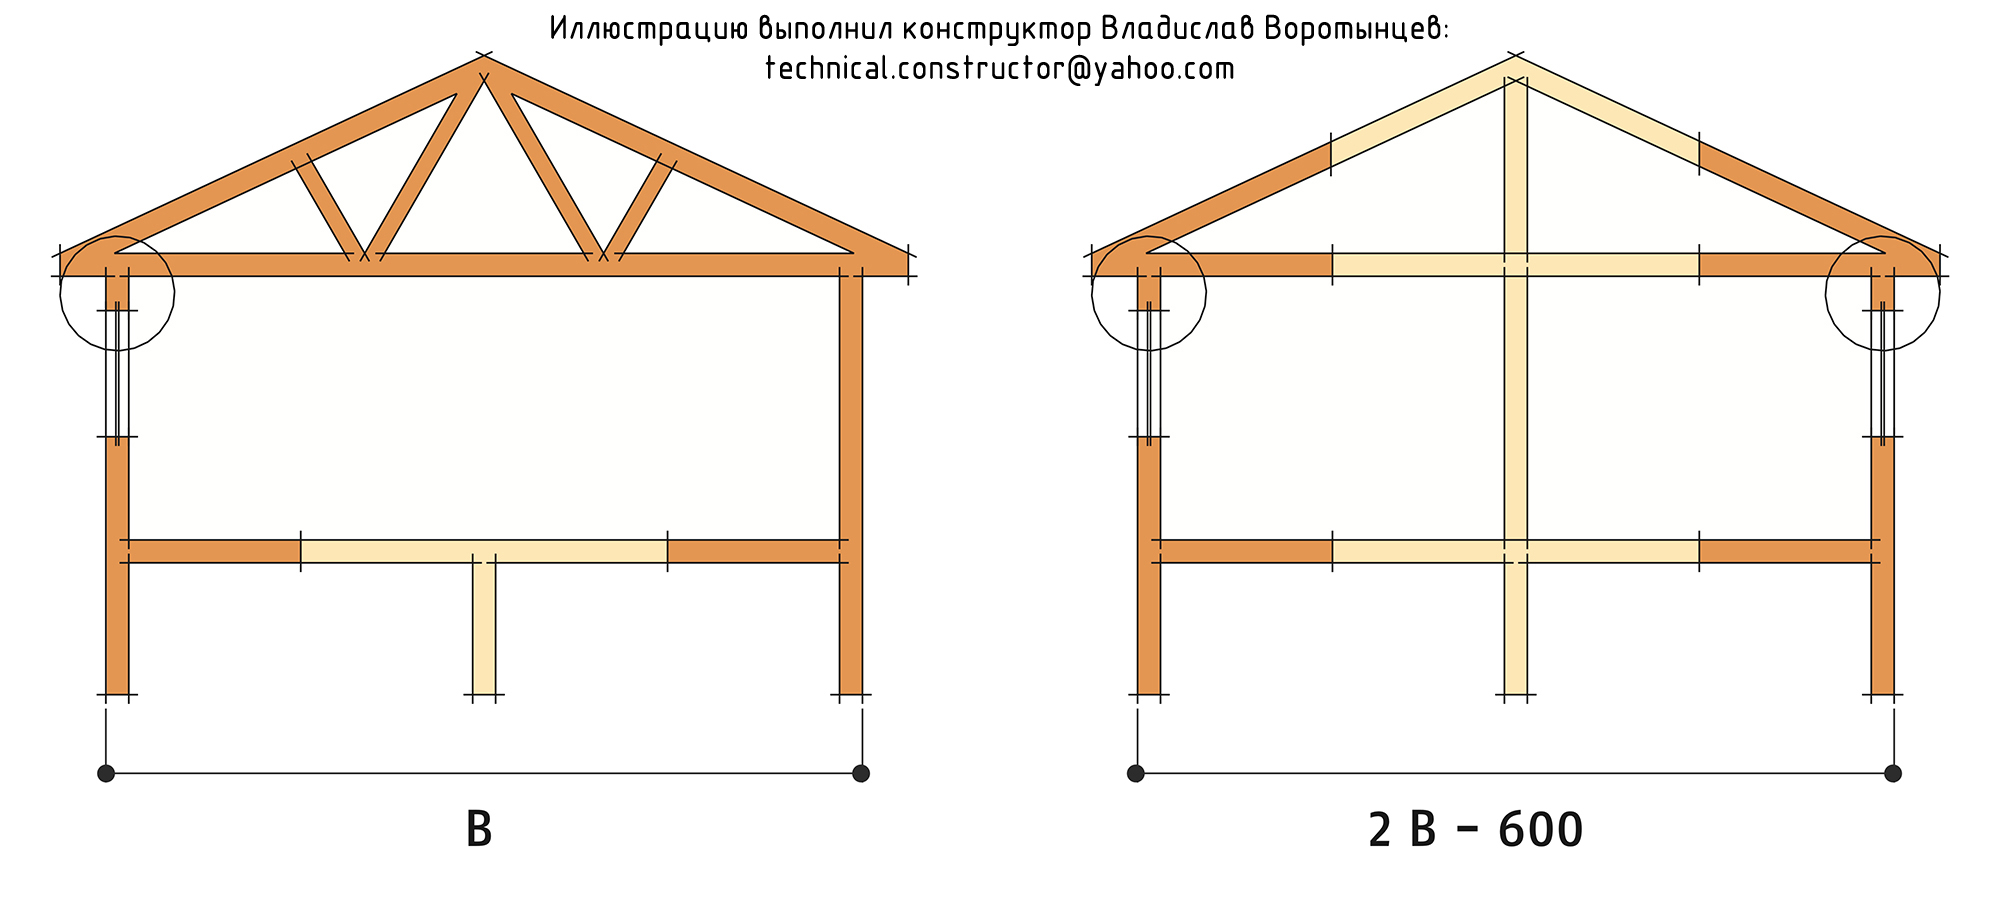 Рис. 9.25 «Максимальная ширина дома» указанная в таблице 9.6 и используемая при расчёте перемычек. Выбор сечения перемычек в несущих деревянных каркасных стенах